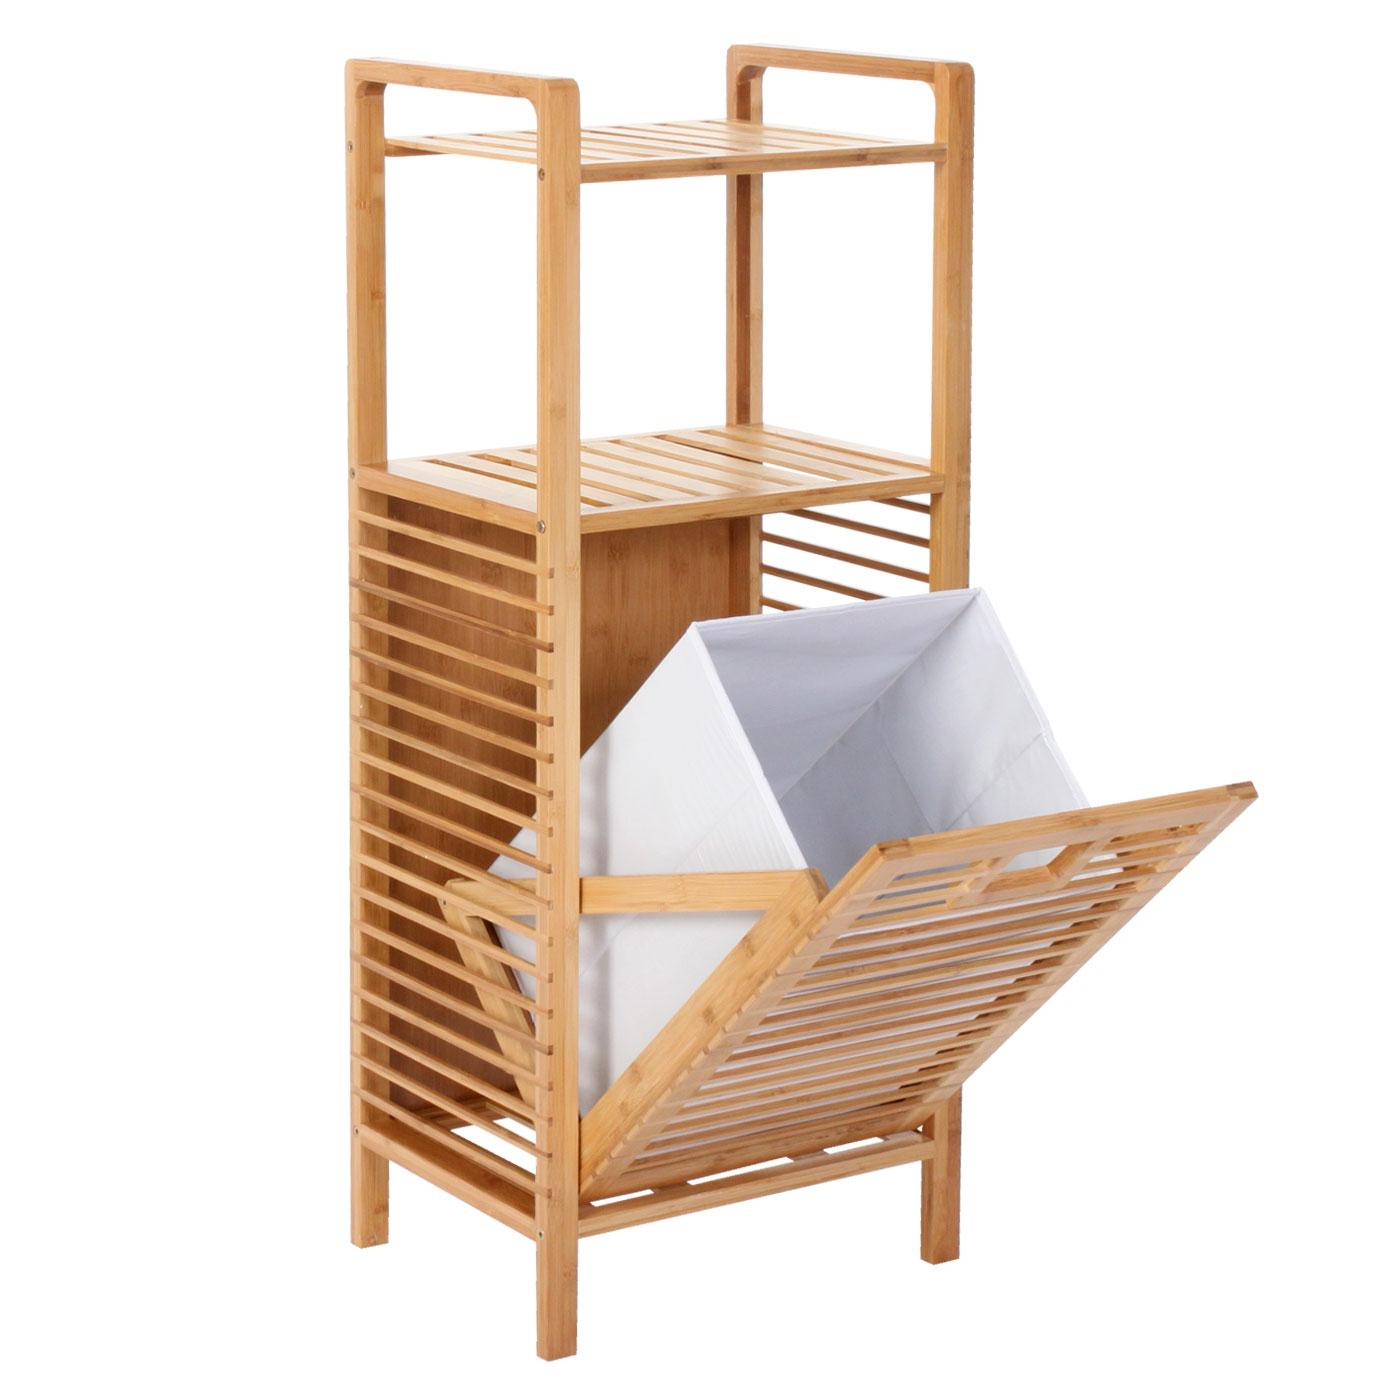 Serie legno bambu narita arredo bagno scaffale a 2 ripiani - Mobile bagno con portabiancheria ...